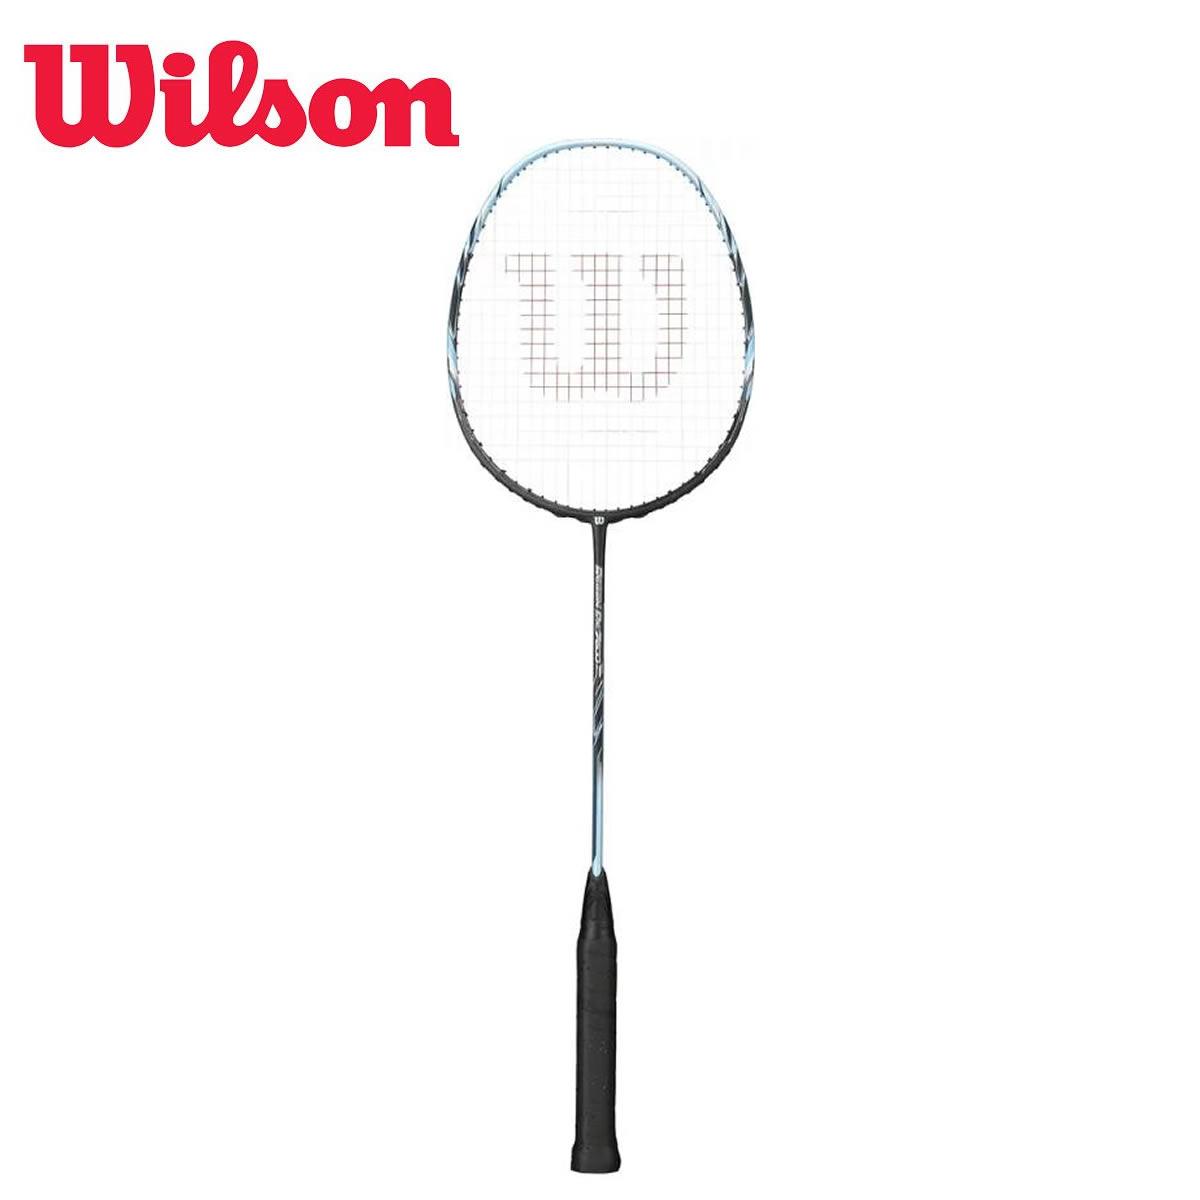 Wilson WRT8005202 RECON PX7600 バドミントンラケット ウィルソン 【ガット張り工賃無料】